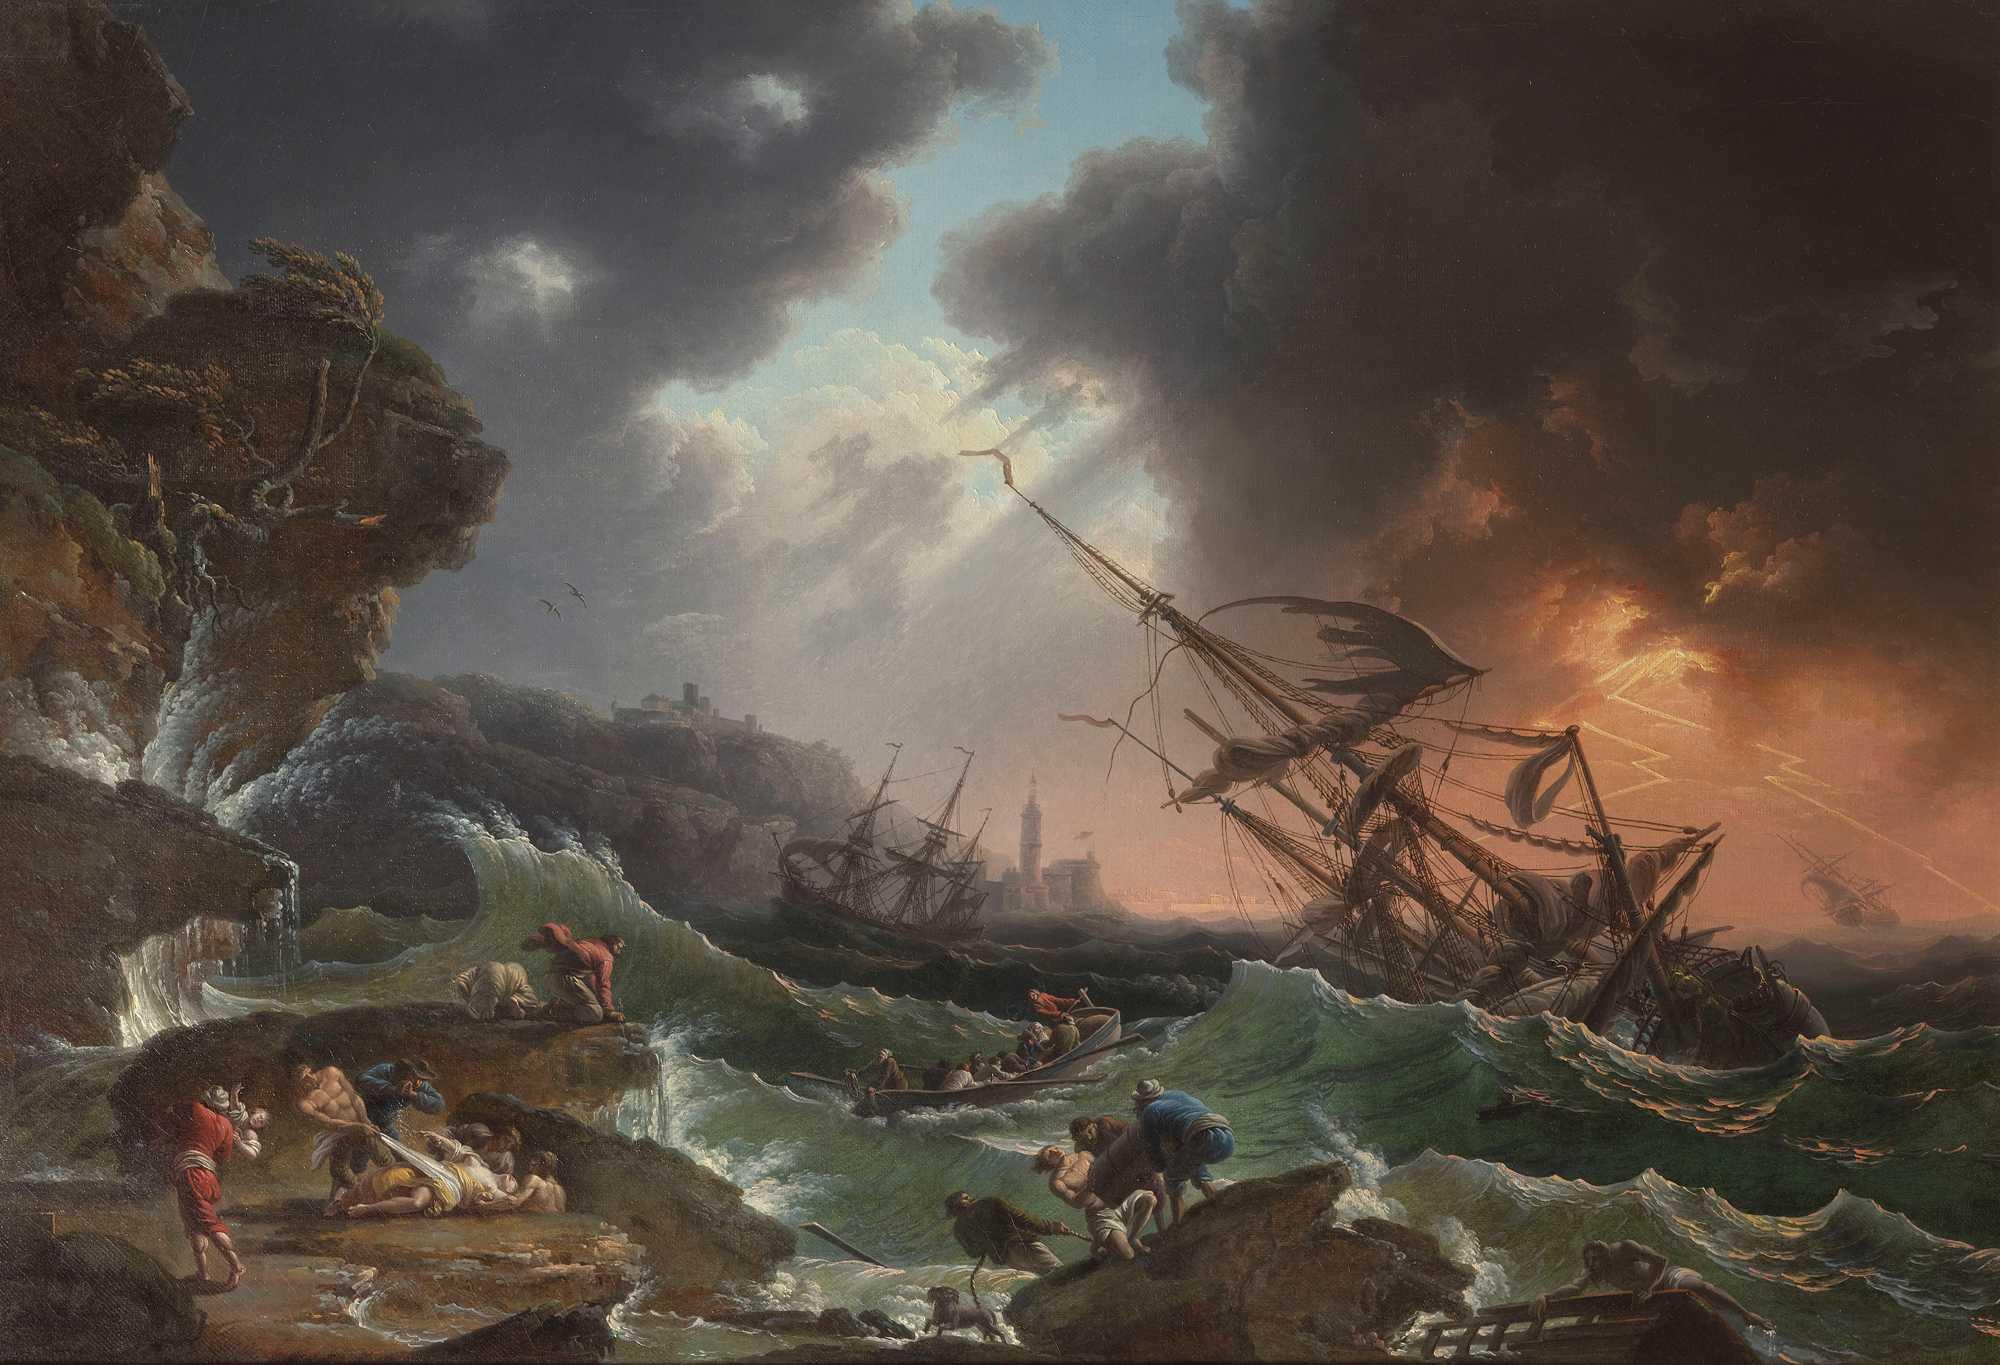 Il naufragio della HMS Couragueux in una lettera coeva dell'ammiraglio John Jervis di Marco Mostarda